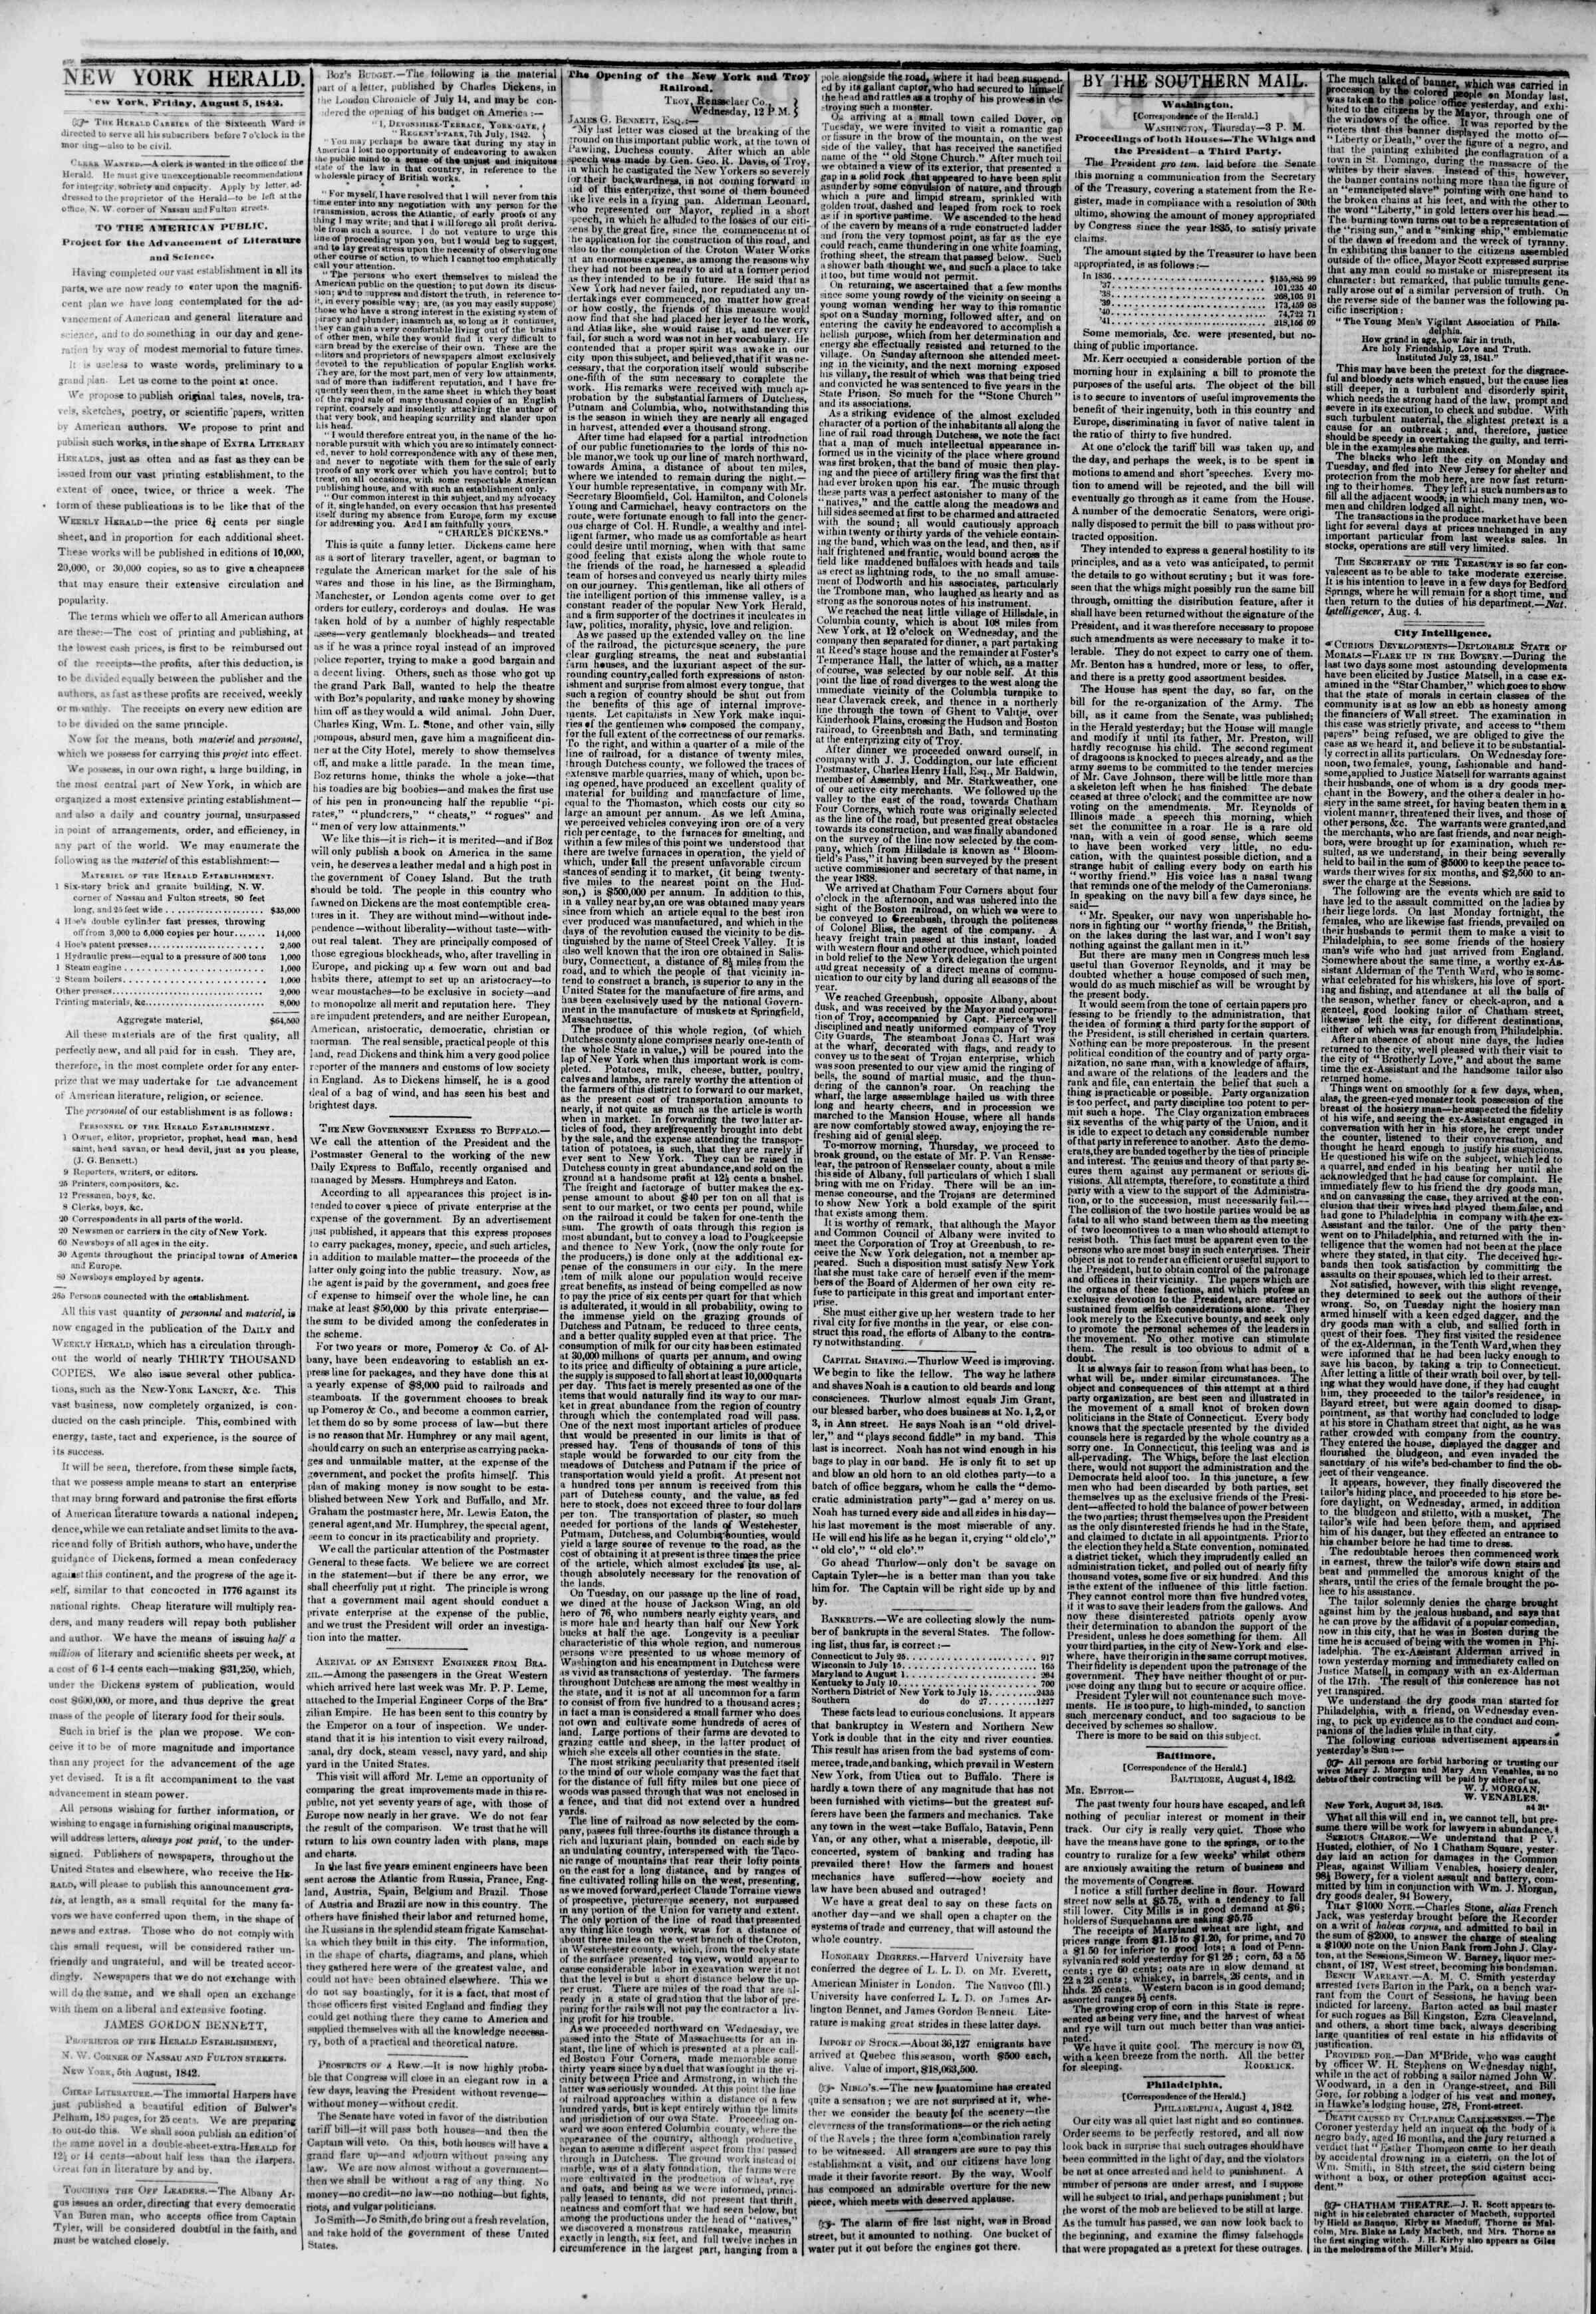 5 Ağustos 1842 Tarihli The New York Herald Gazetesi Sayfa 2